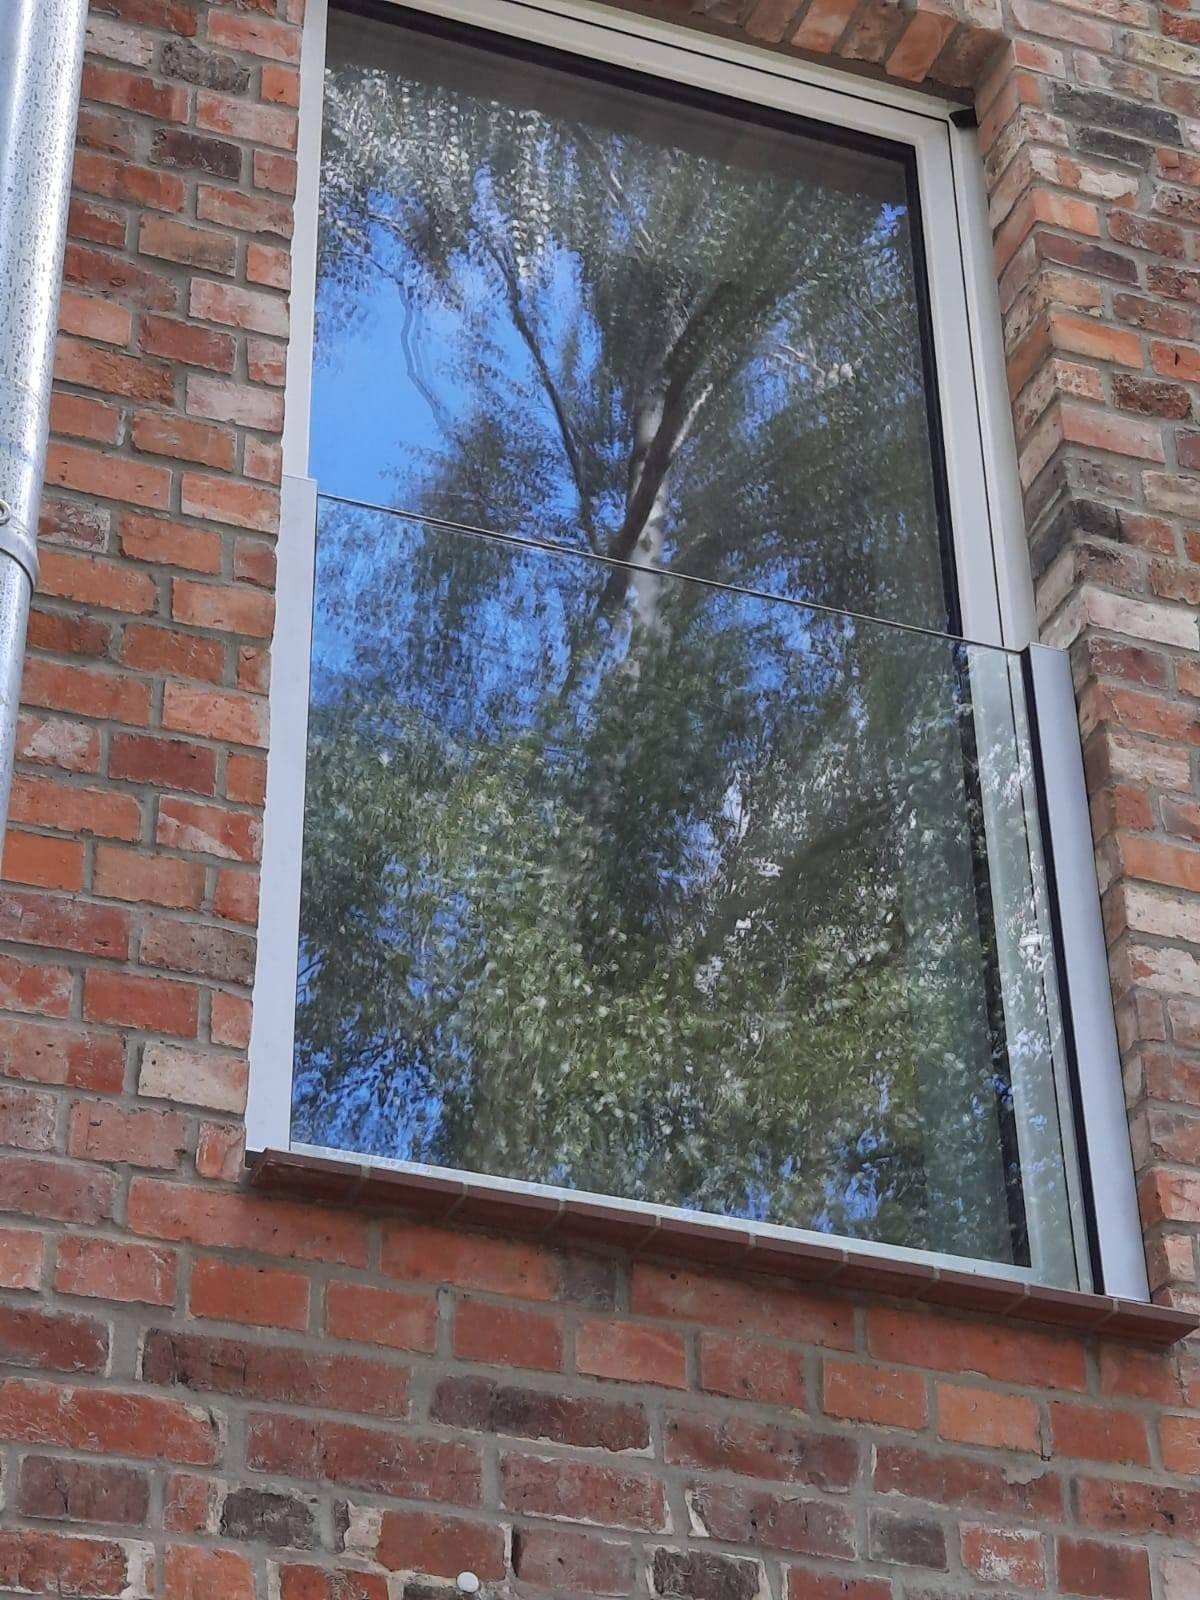 Frnazösicher Balkon